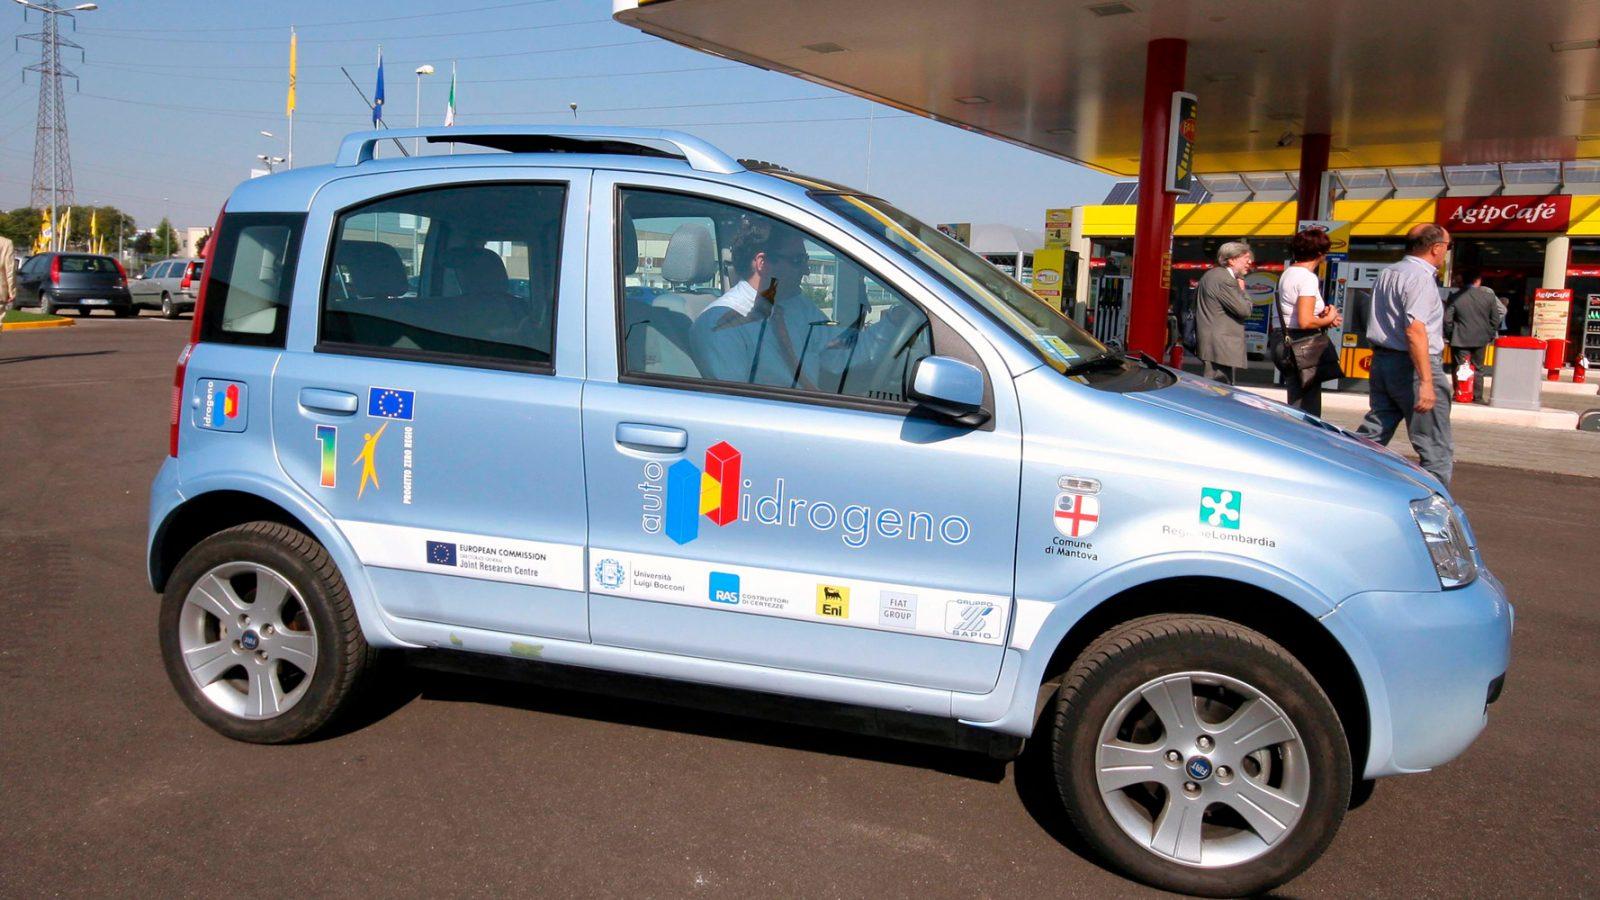 Fiat Panda alimentata a idrogeno (fonte: Imagoeconomica)